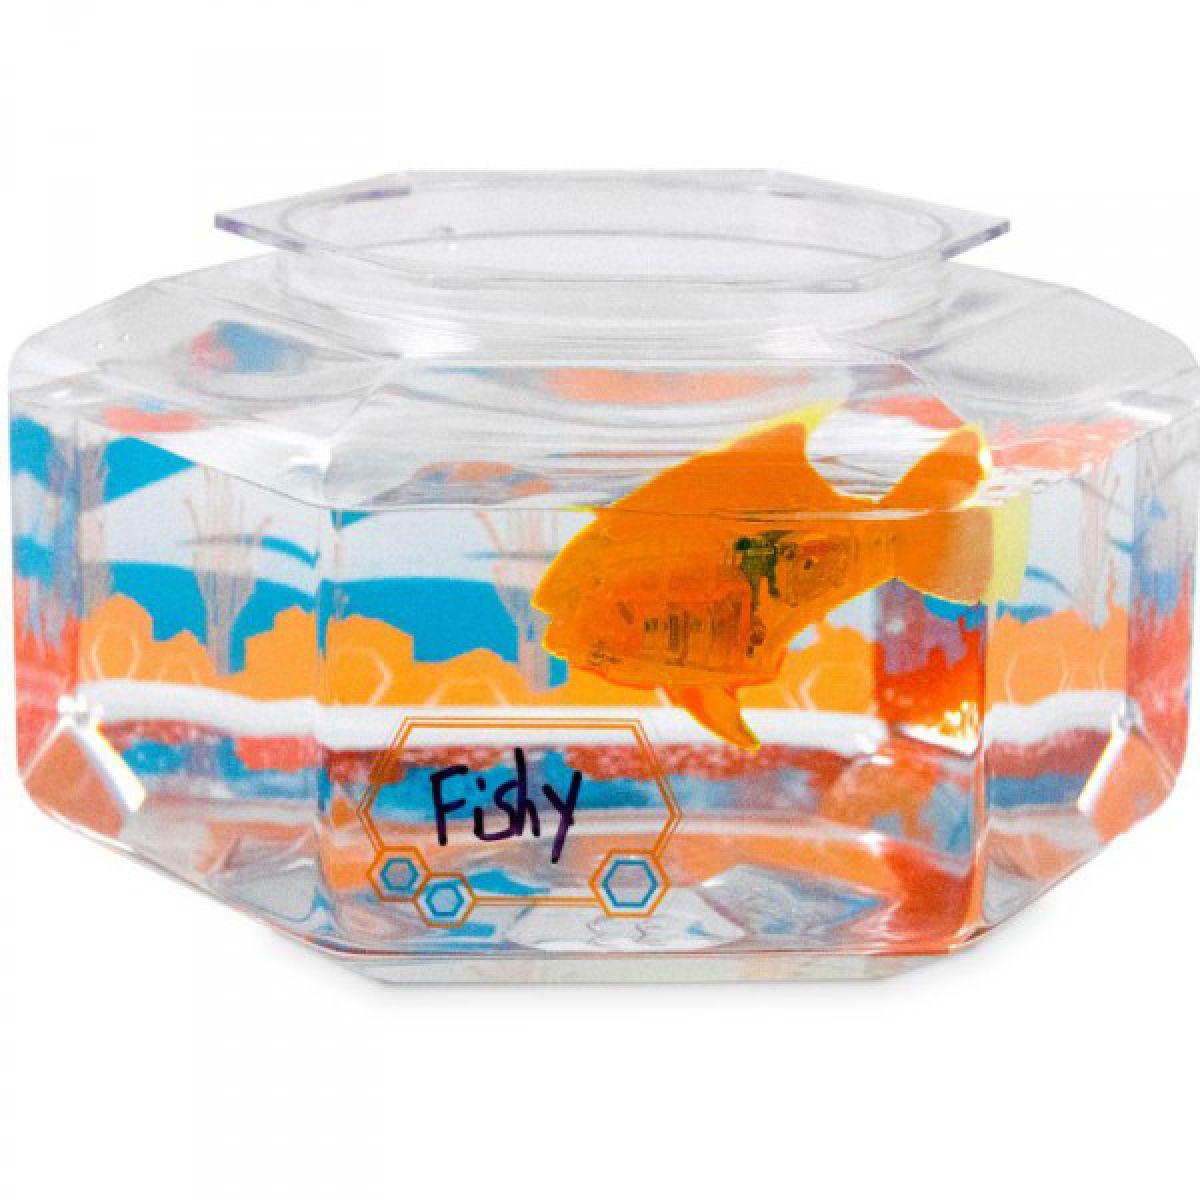 Hexbug Aquabot Led s akváriem - Piraňa oranžová